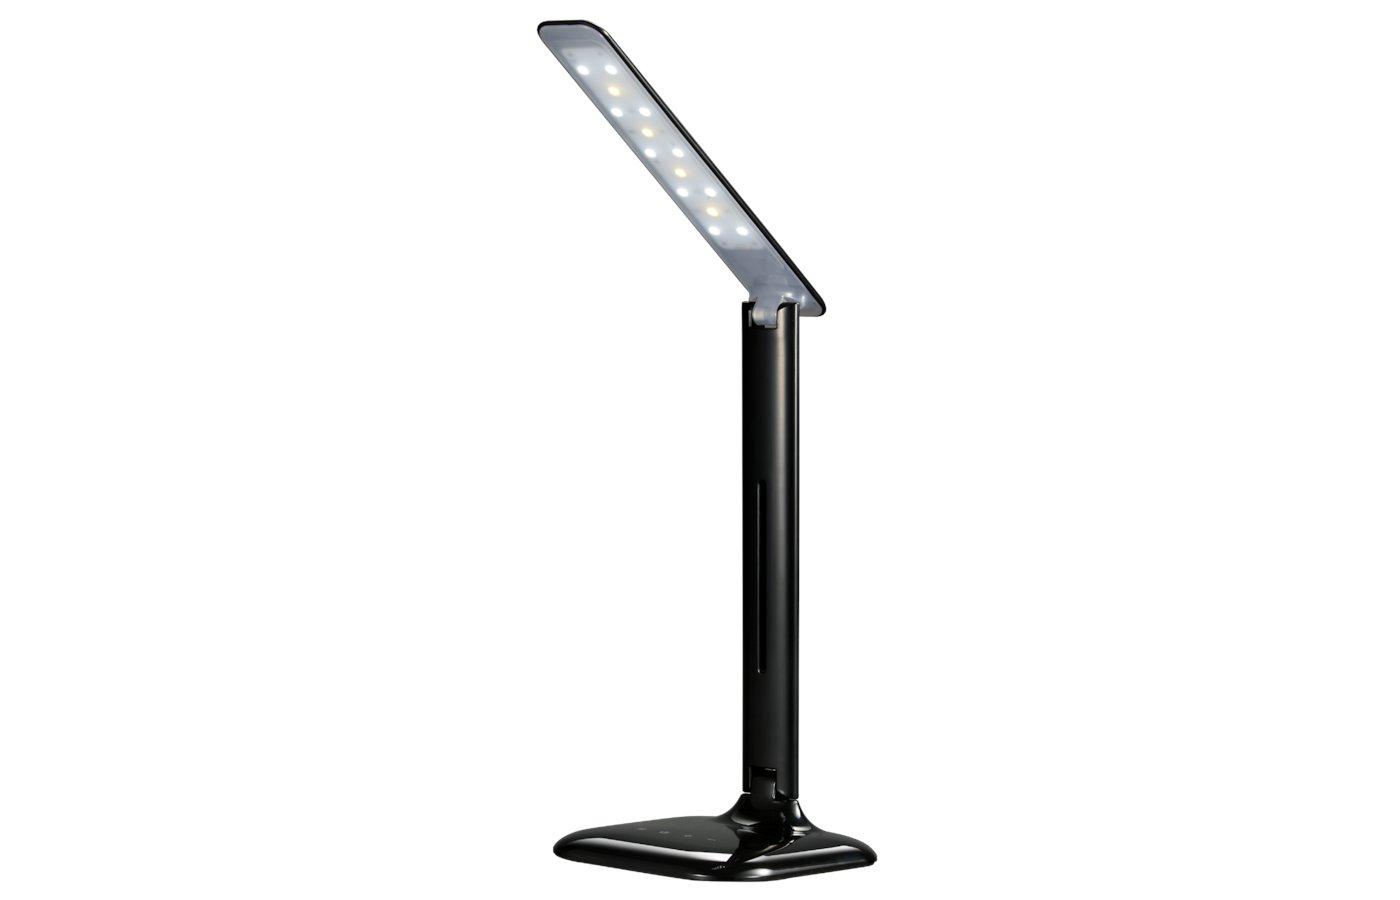 Светильник настольный SUPRA SL-TL500 black LED 5 Вт. регулировка яркости